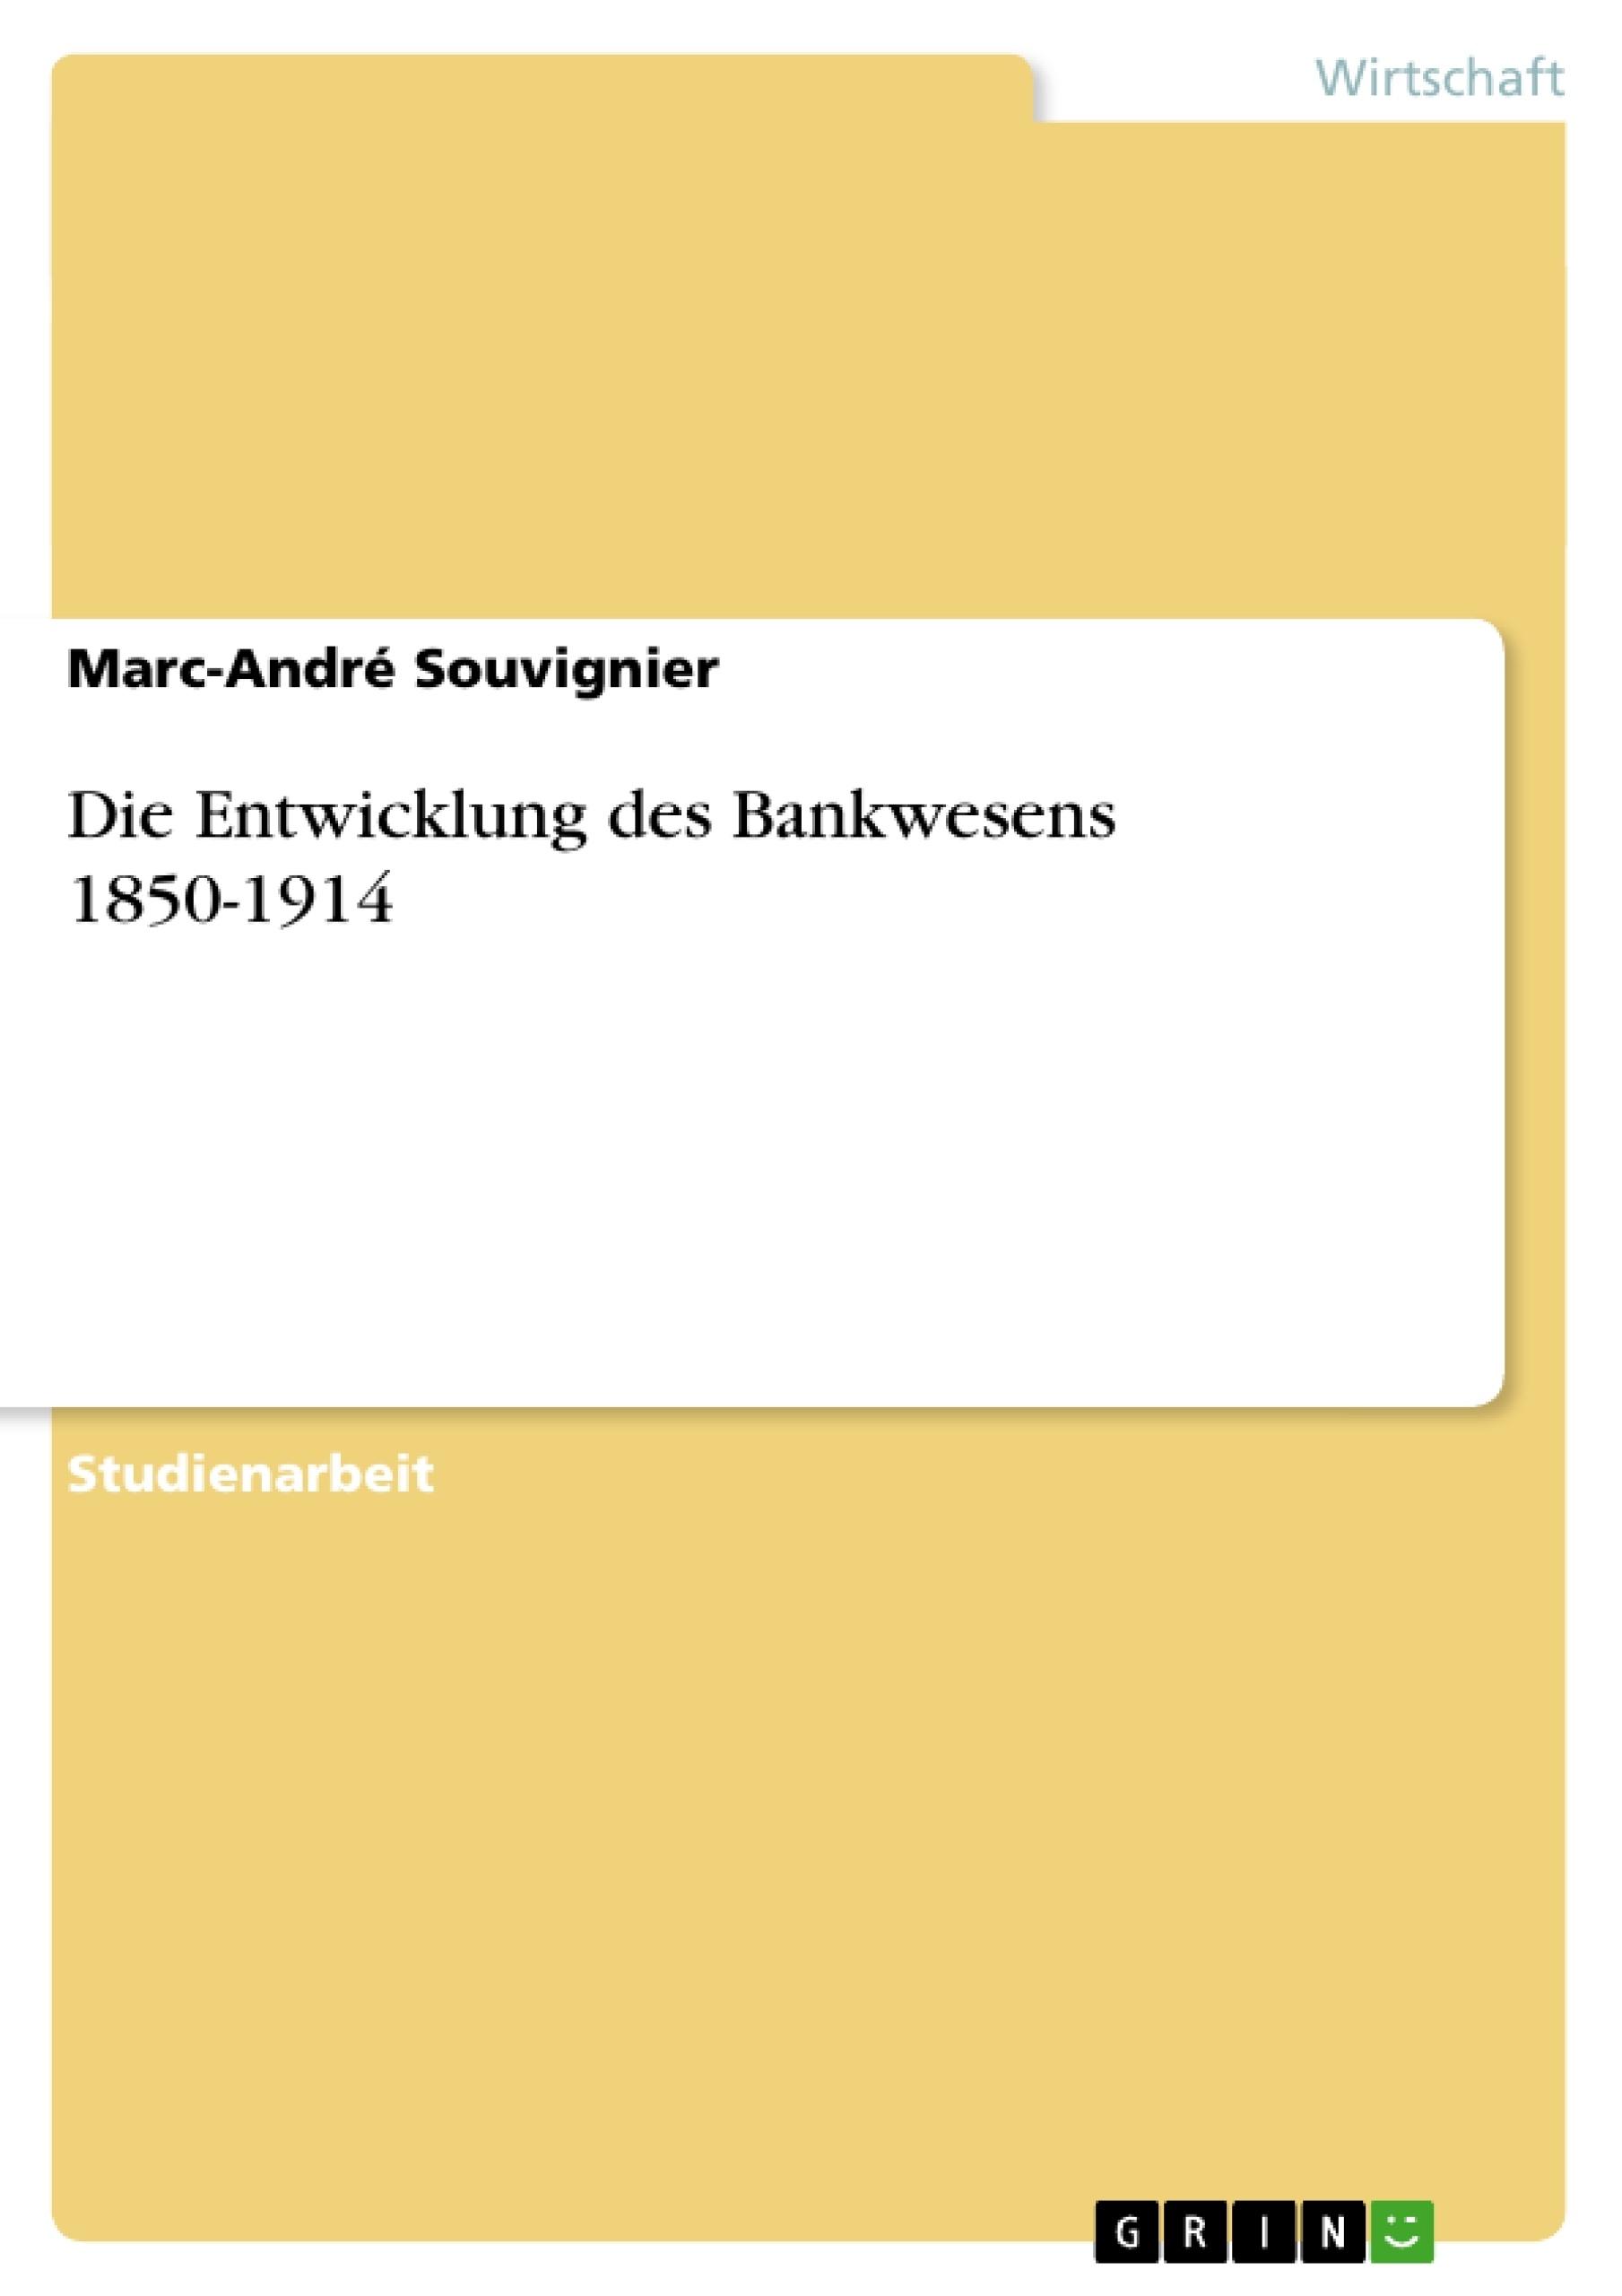 Titel: Die Entwicklung des Bankwesens 1850-1914